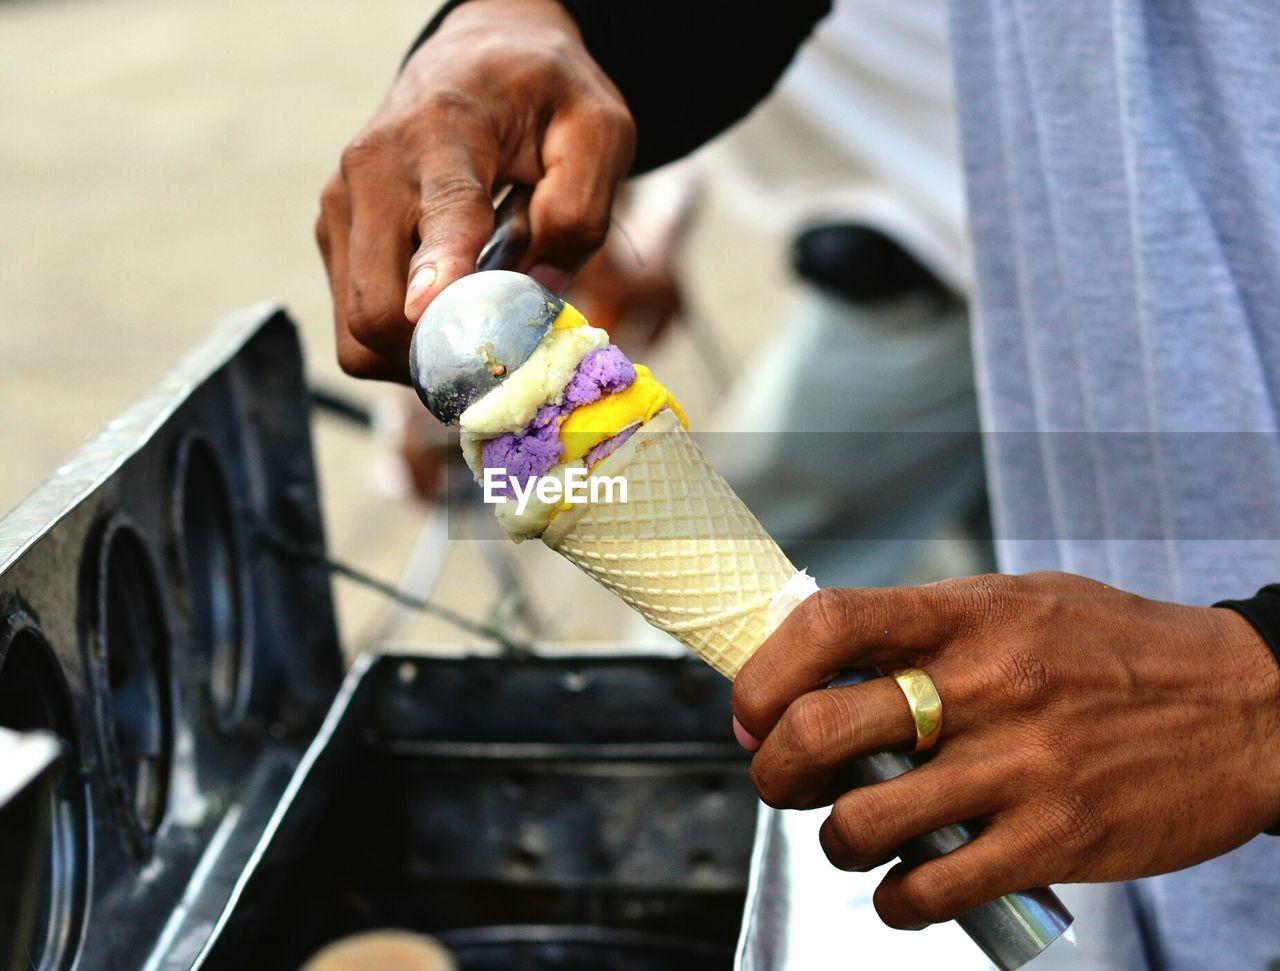 Close-Up Of Vendor Scooping Ice Cream To Put In Cone